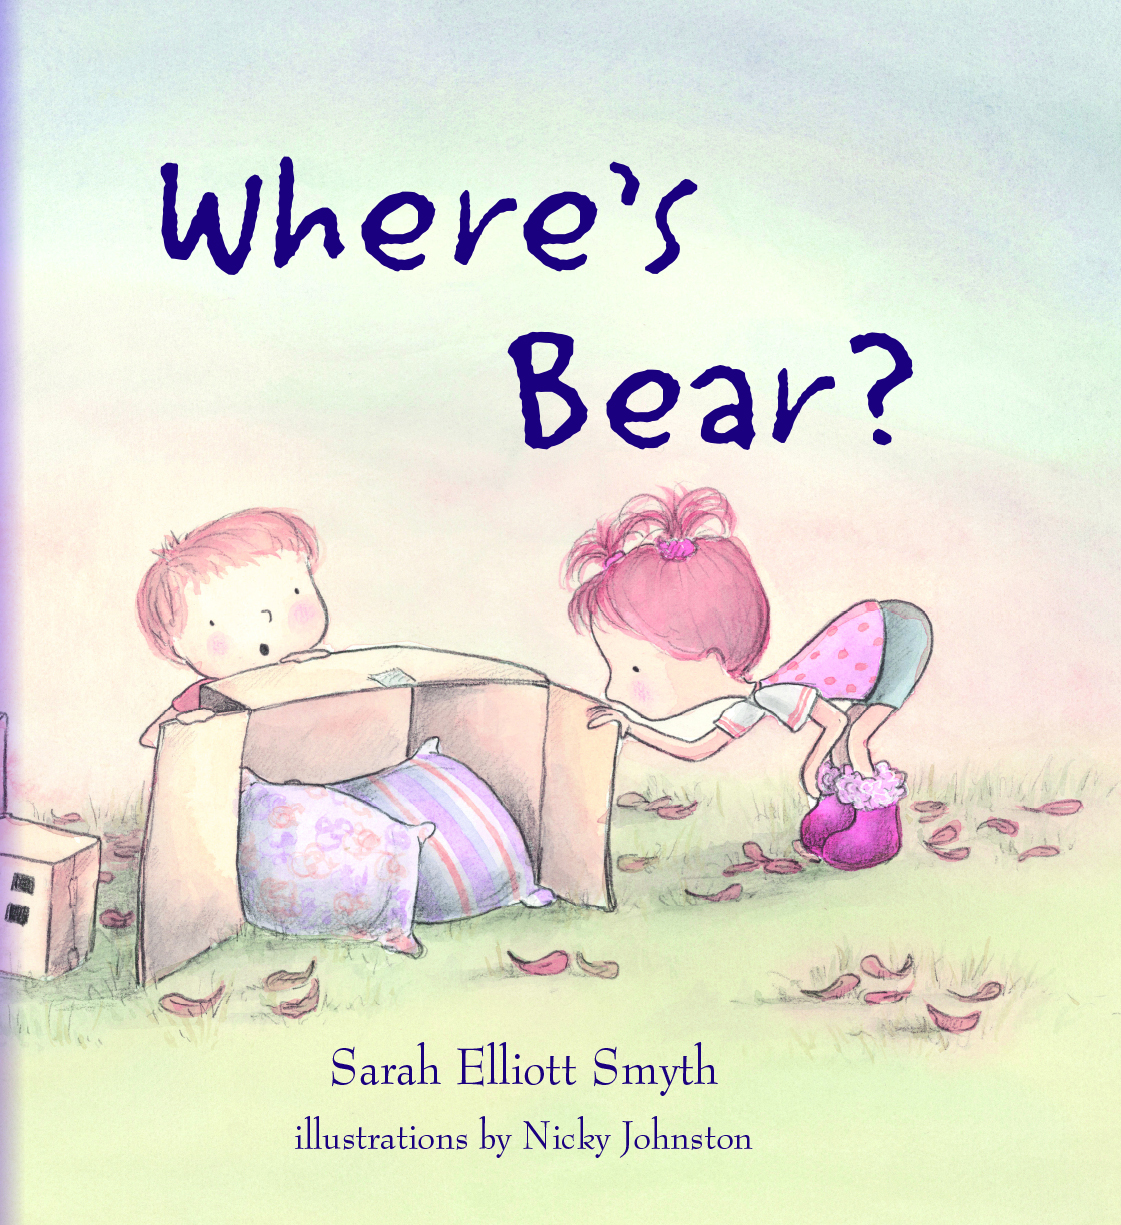 Where's Bear_cover_sm_CMYK.jpg